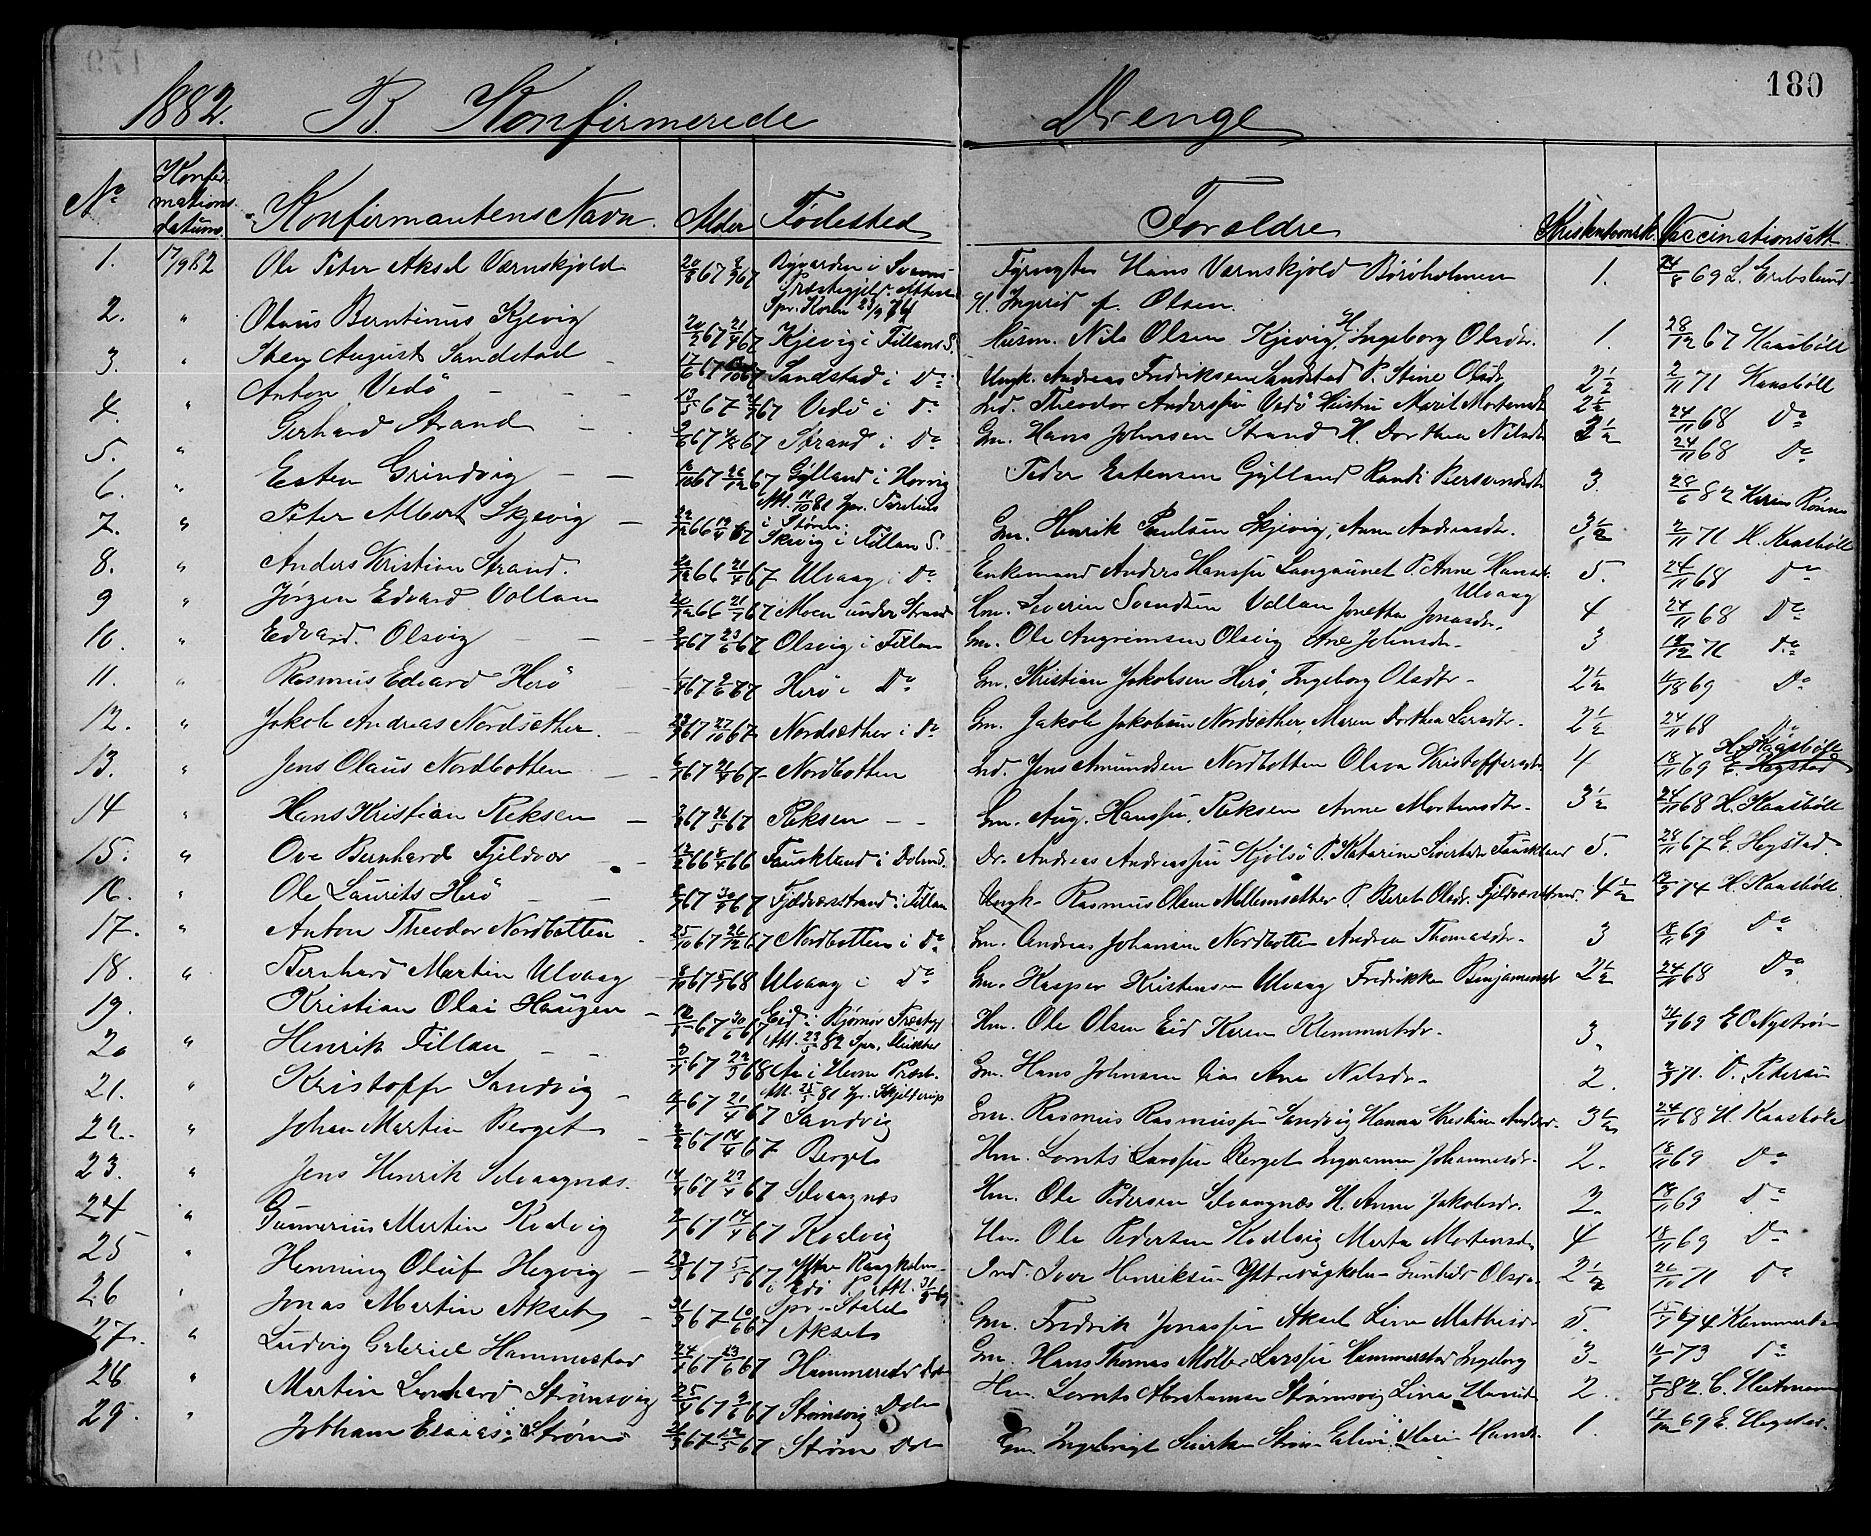 SAT, Ministerialprotokoller, klokkerbøker og fødselsregistre - Sør-Trøndelag, 637/L0561: Klokkerbok nr. 637C02, 1873-1882, s. 180